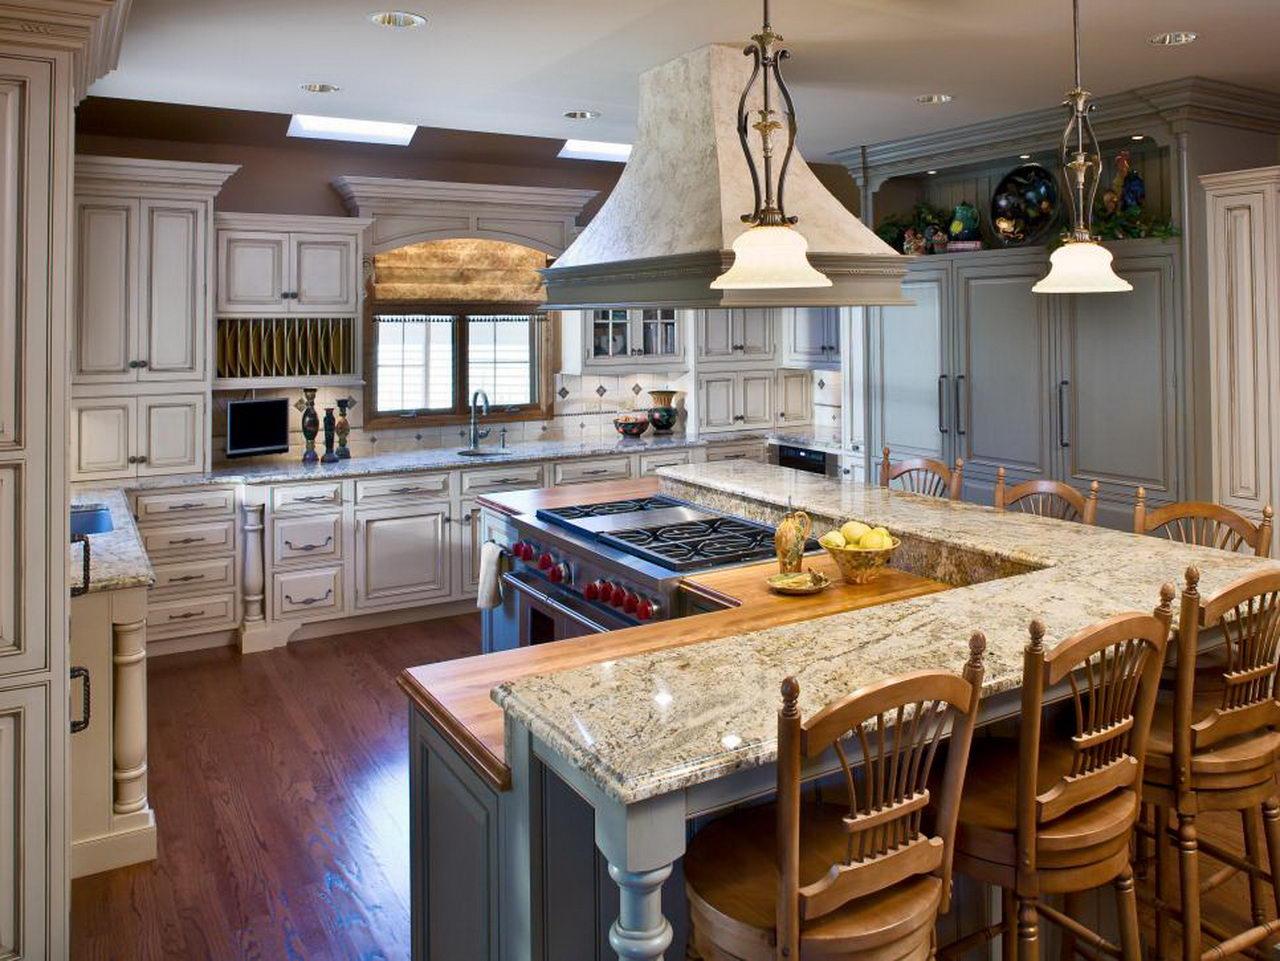 42 best kitchen design ideas with different styles and layouts kitchen cabinet layout ideas kitchen design layout ideas 2